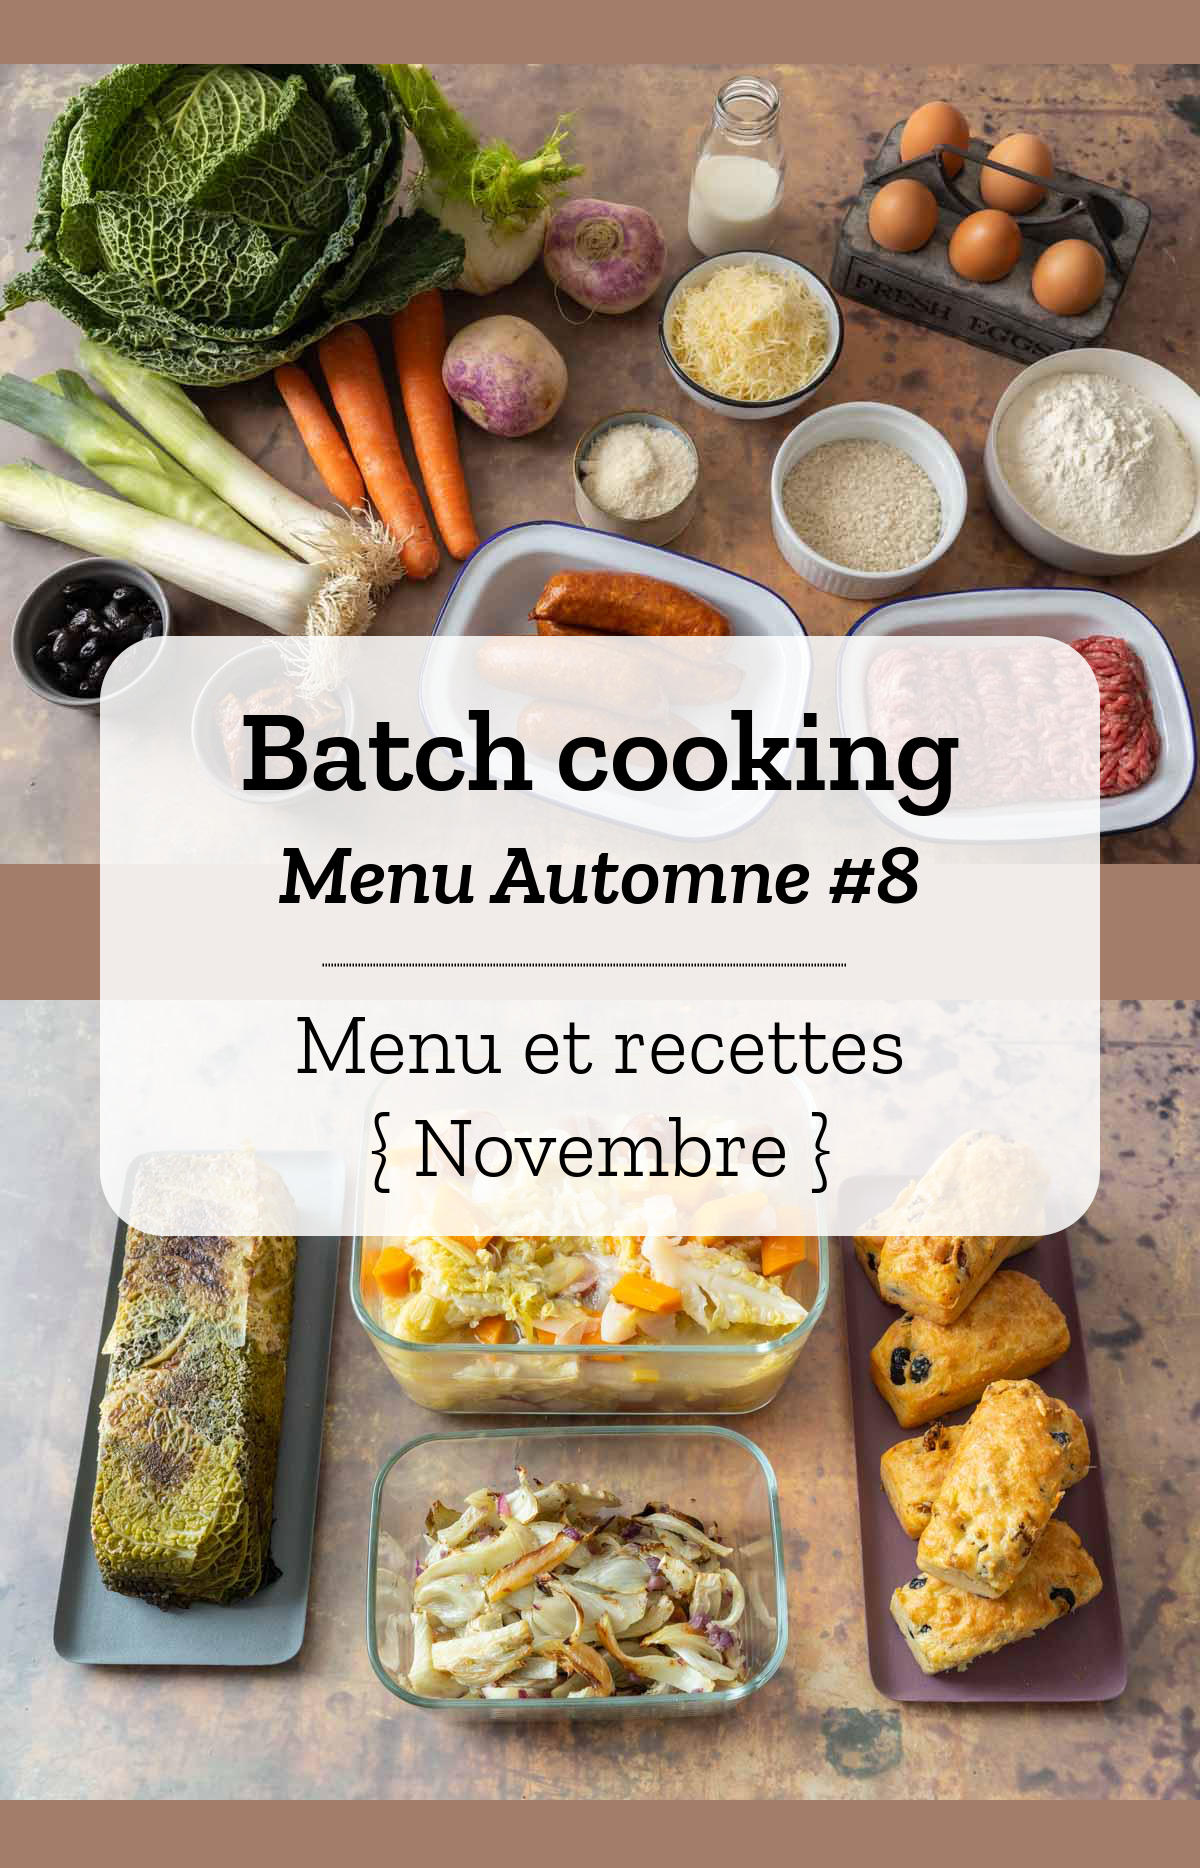 Batch cooking Automne #8 - Mois de Novembre - Semaine 46